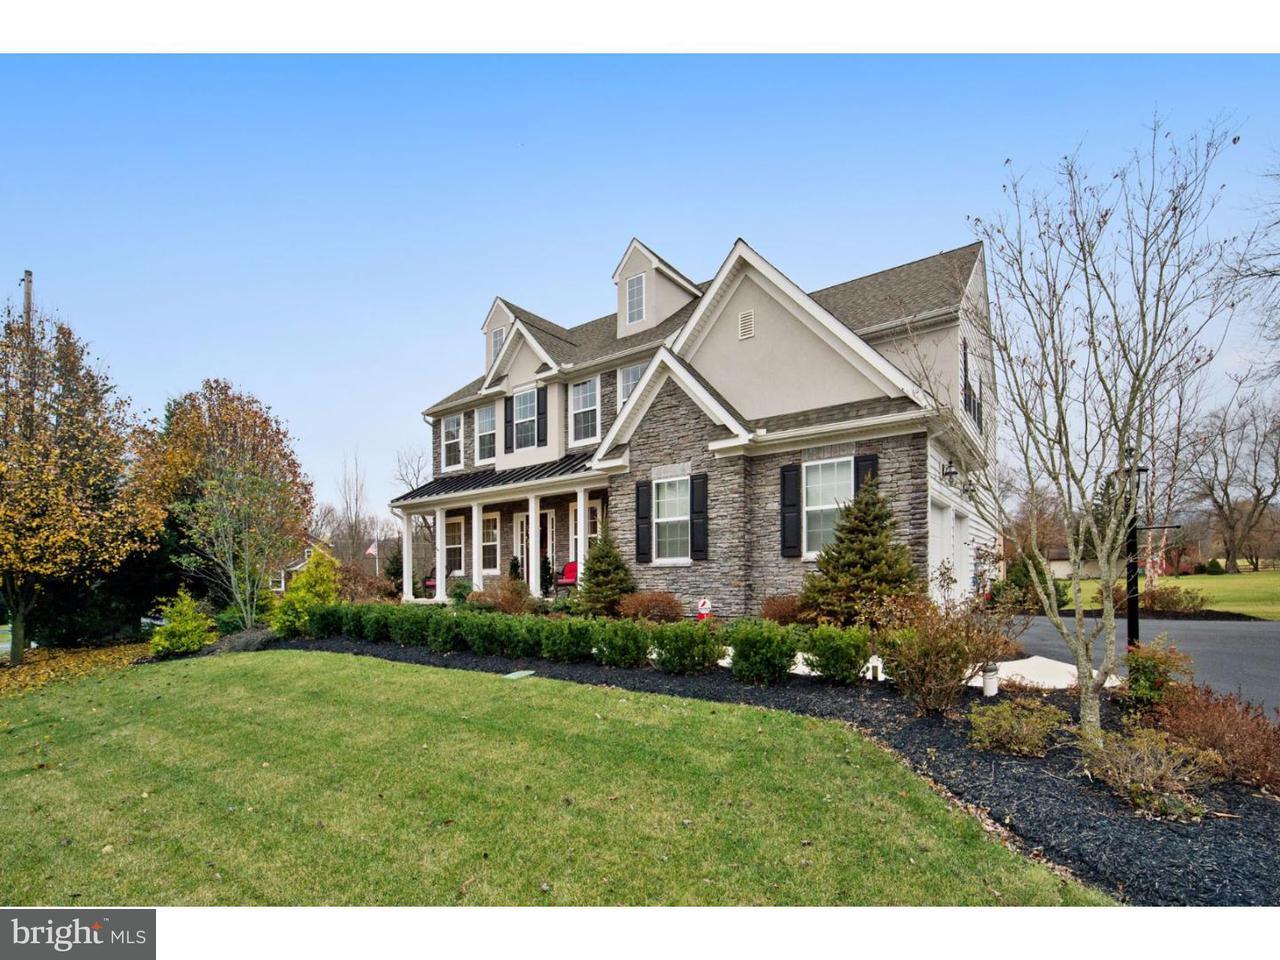 Частный односемейный дом для того Продажа на 1 FURLONG Road Douglassville, Пенсильвания 19518 Соединенные ШтатыВ/Около: Union Township